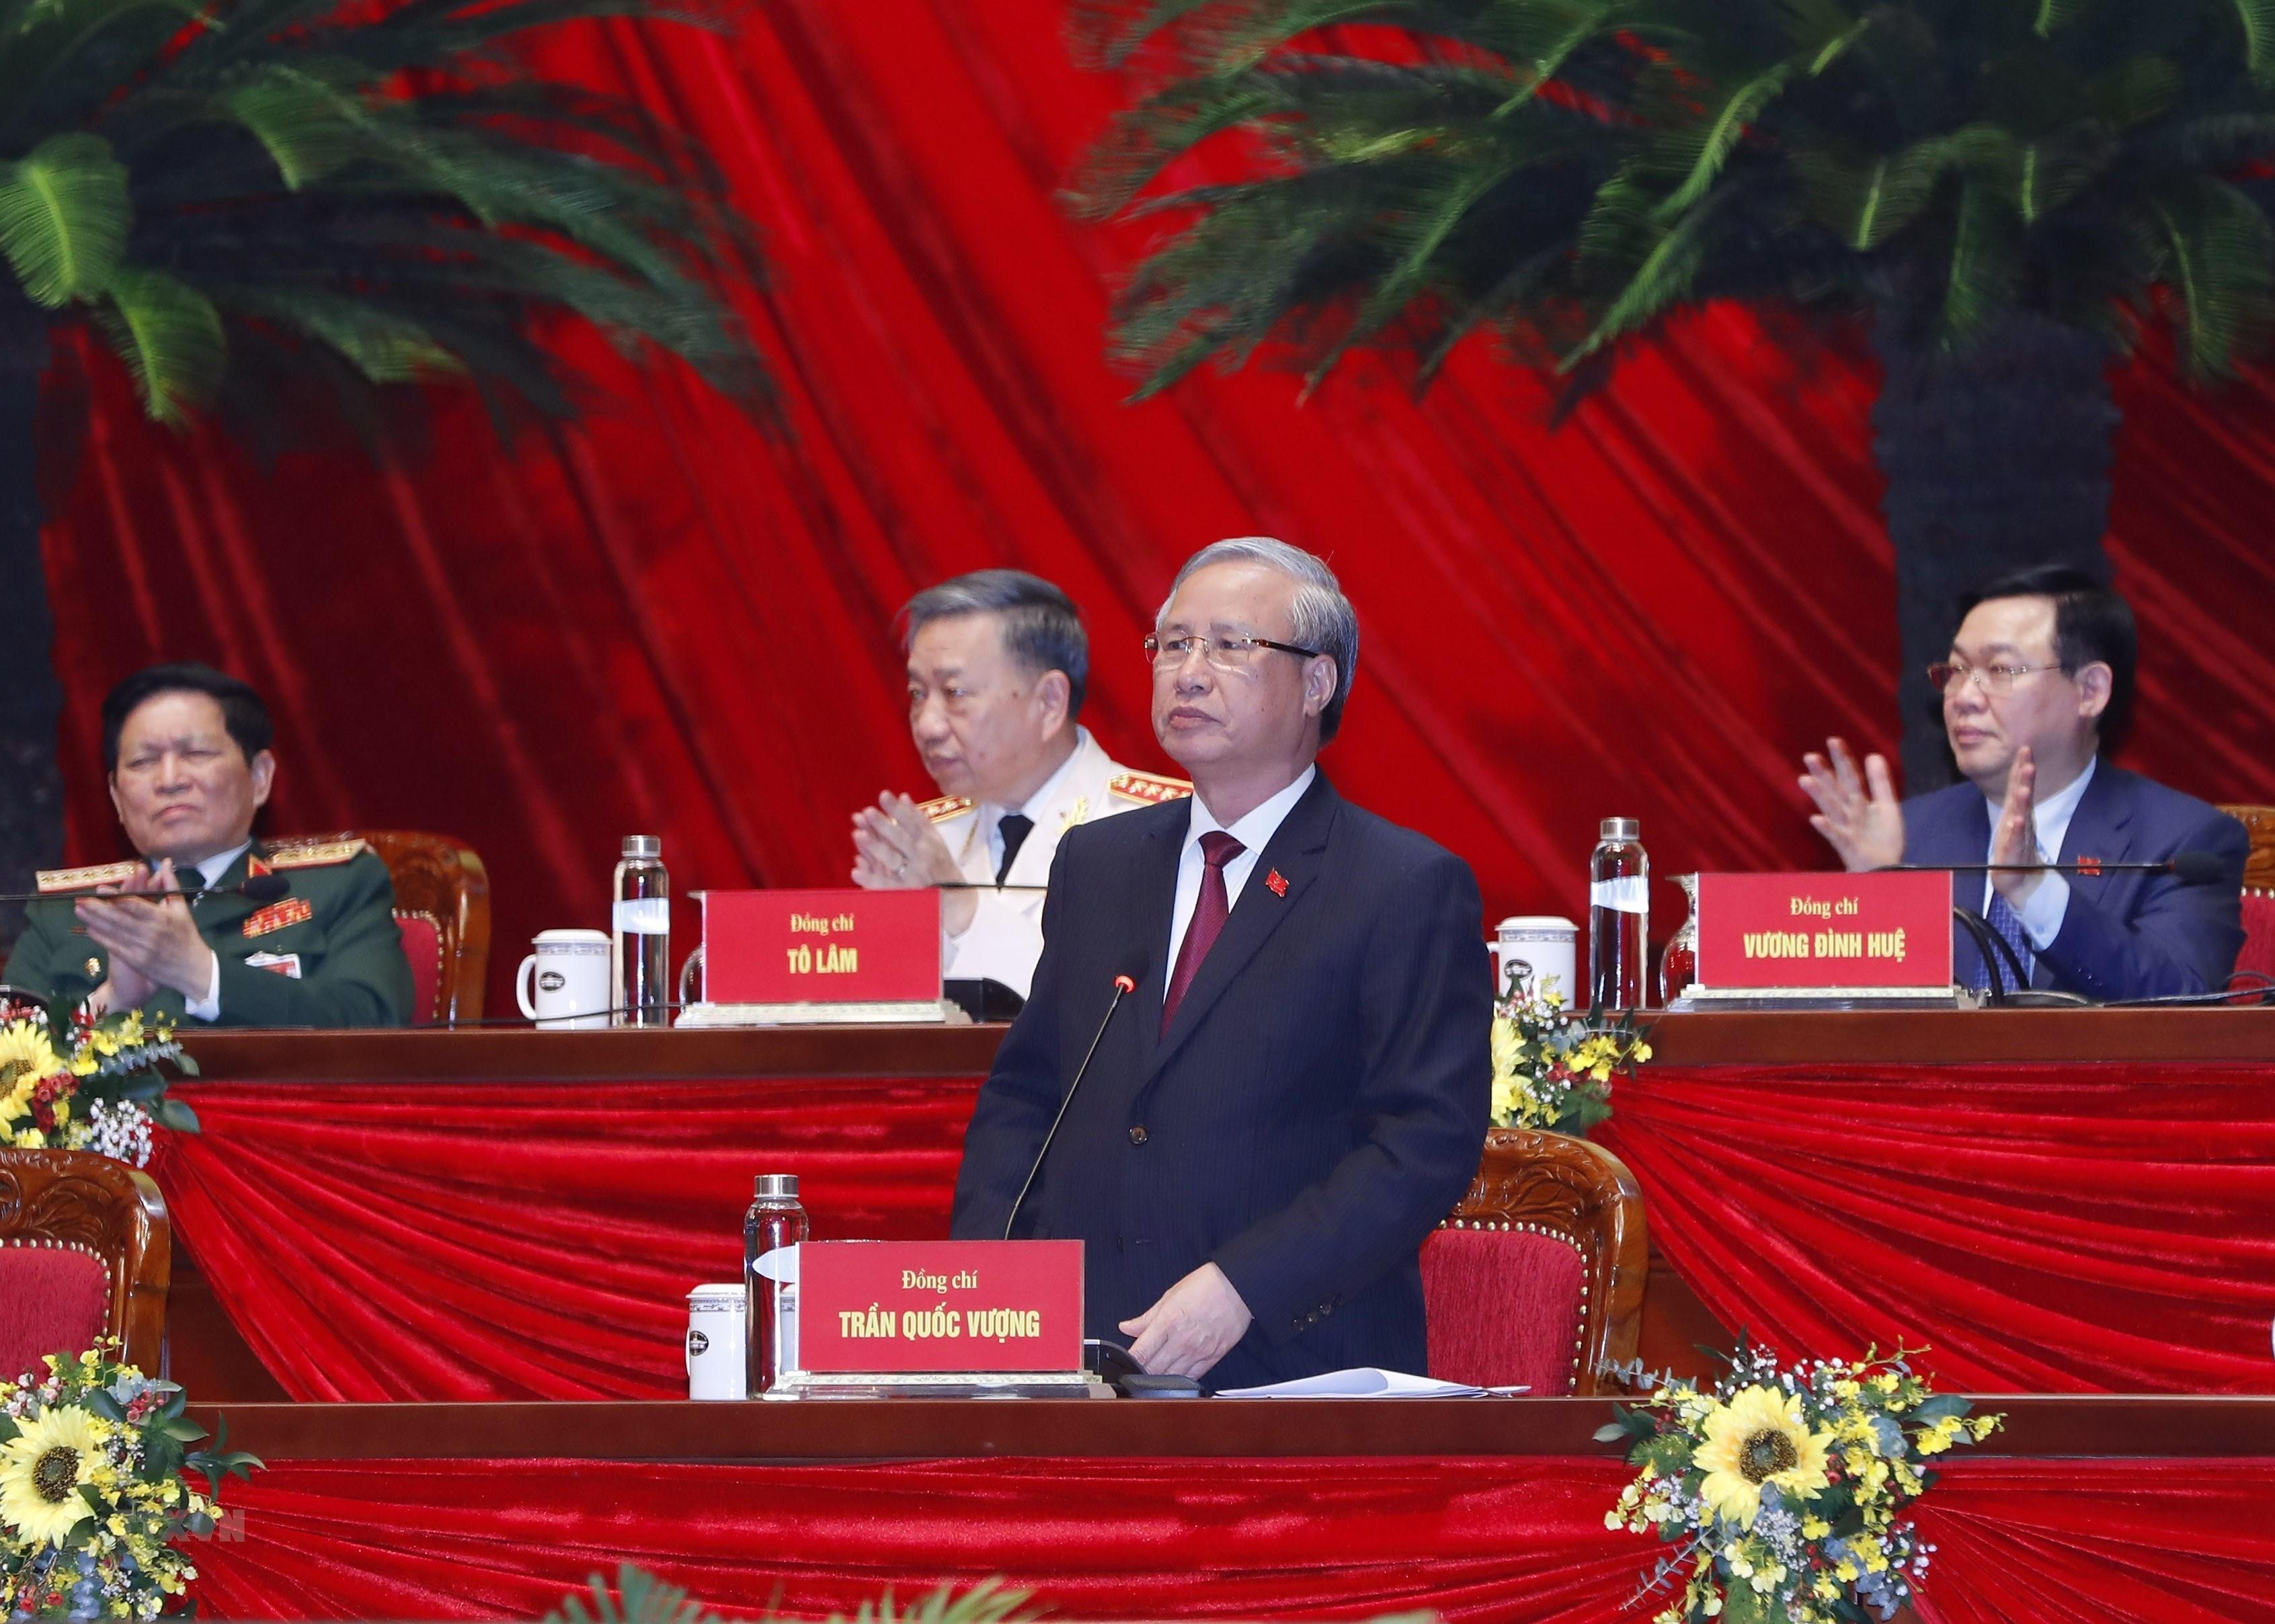 Công bố danh sách Ban Chấp hành Trung ương Đảng khóa XIII ảnh 2